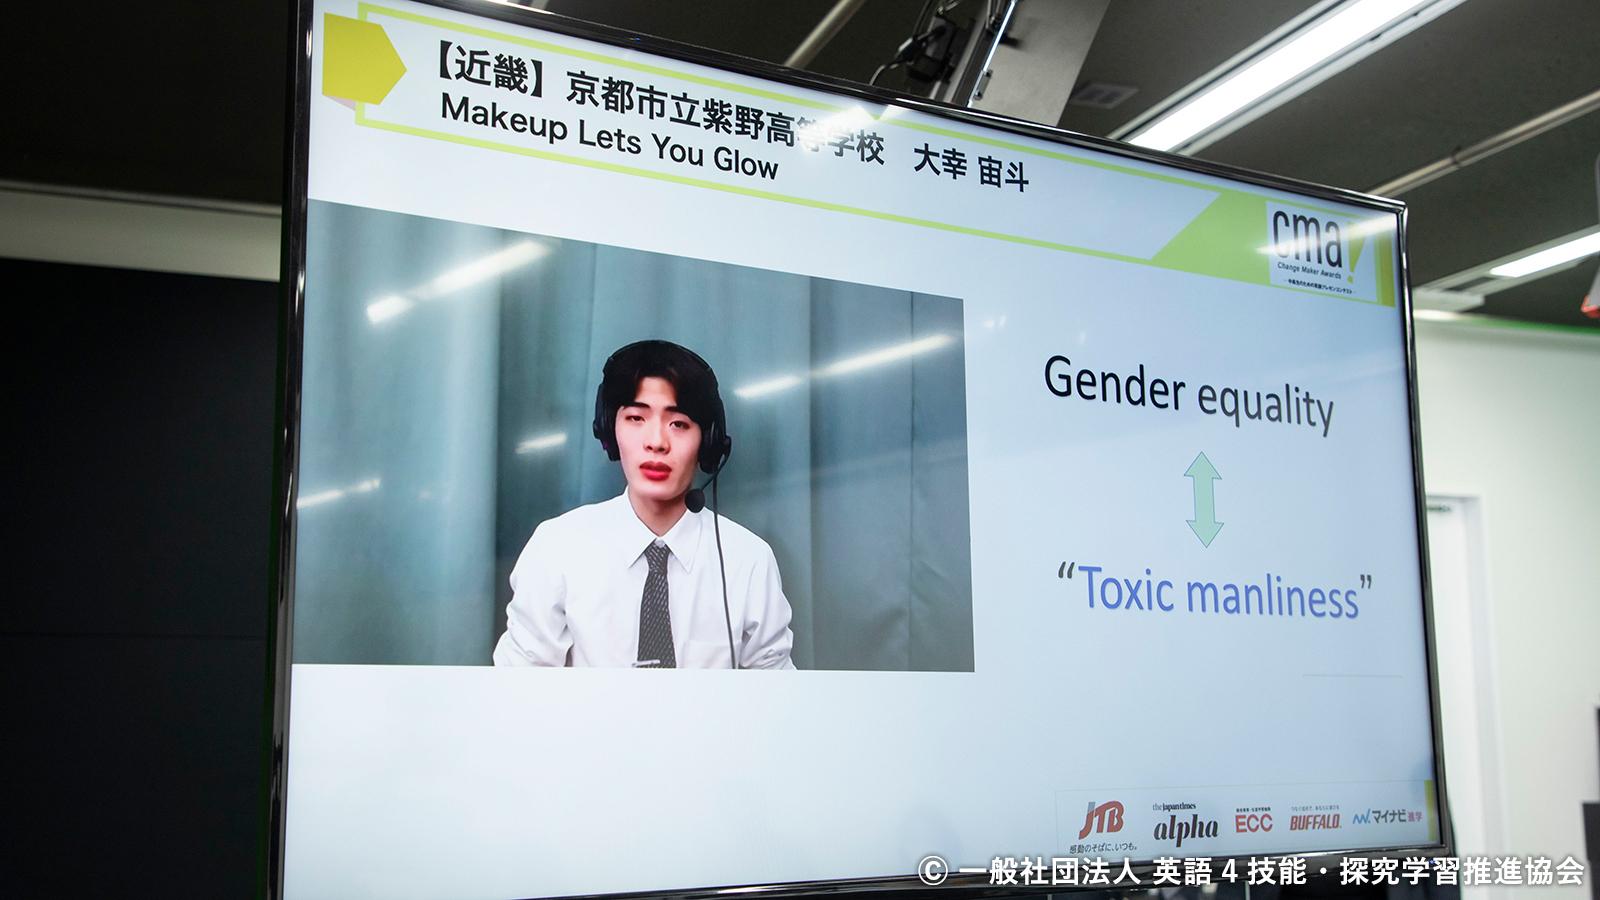 京都市立紫野高等学校の大幸 宙斗さん 「Makeup Lets You Glow」(メークがあなたを輝かせる)